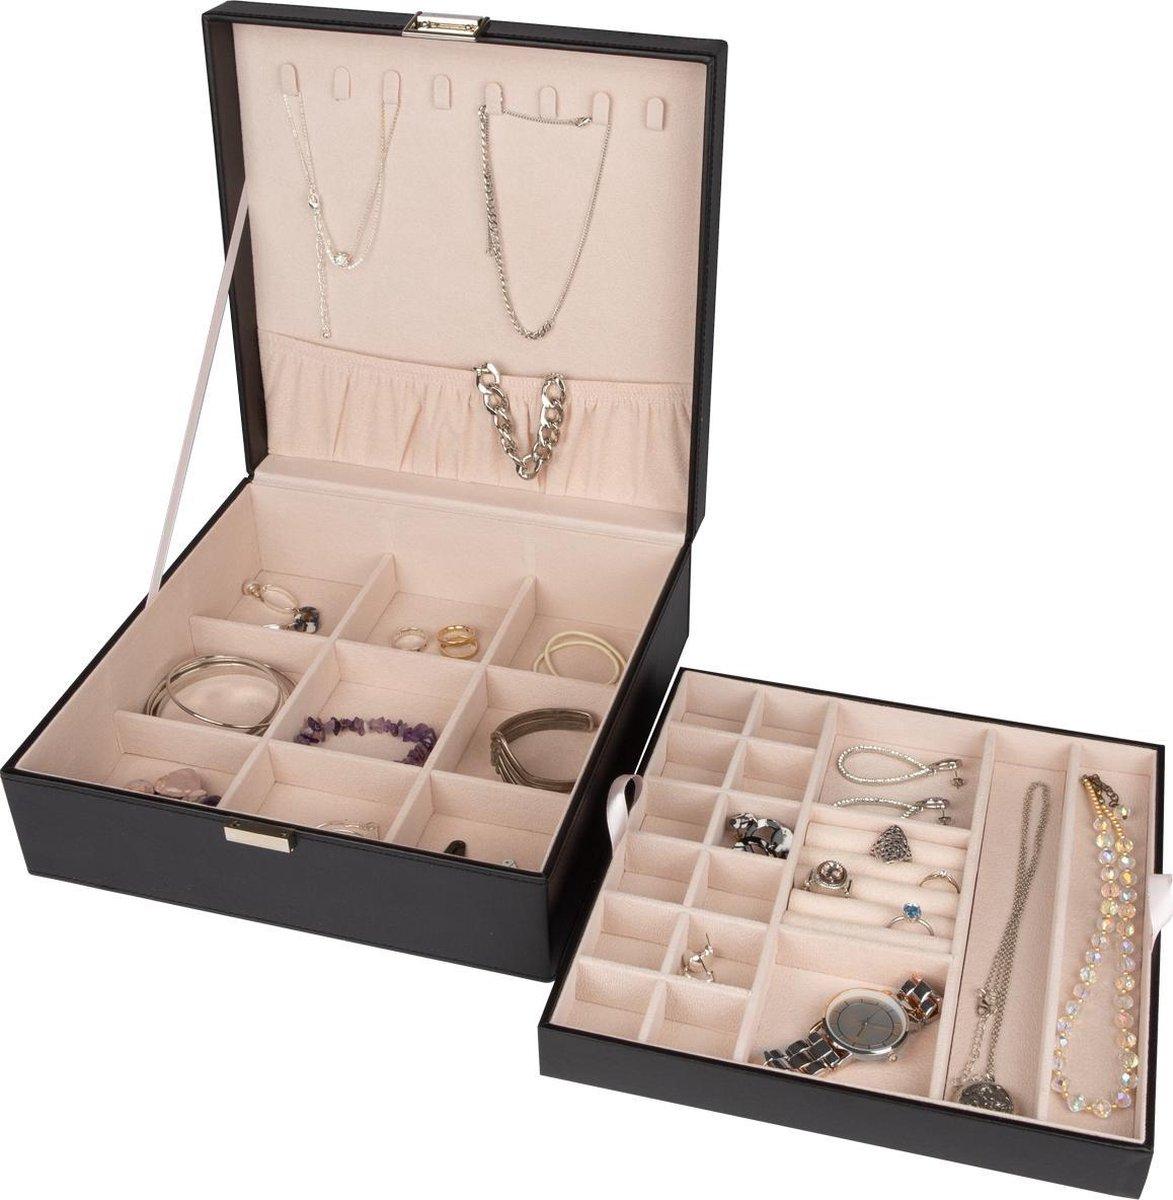 LifeGoods Sieraden Doos - Luxe Bijouterie Kistje - Juwelen Box met Houder - 24 Vakken   Ketting / Ri